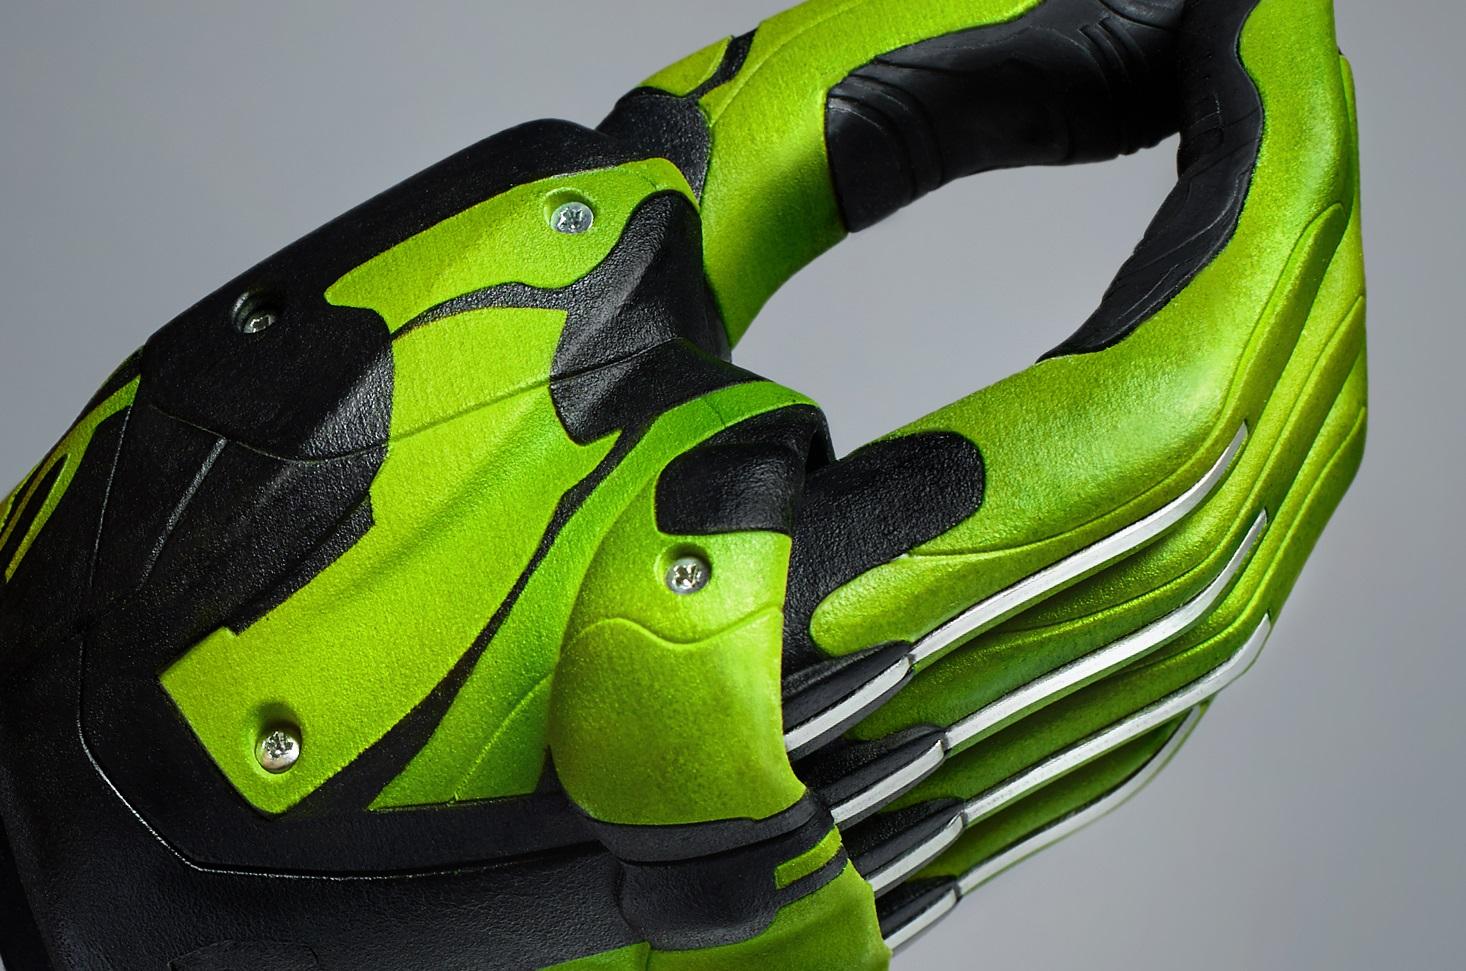 Бионический протез: самовыражение через дизайн - 2